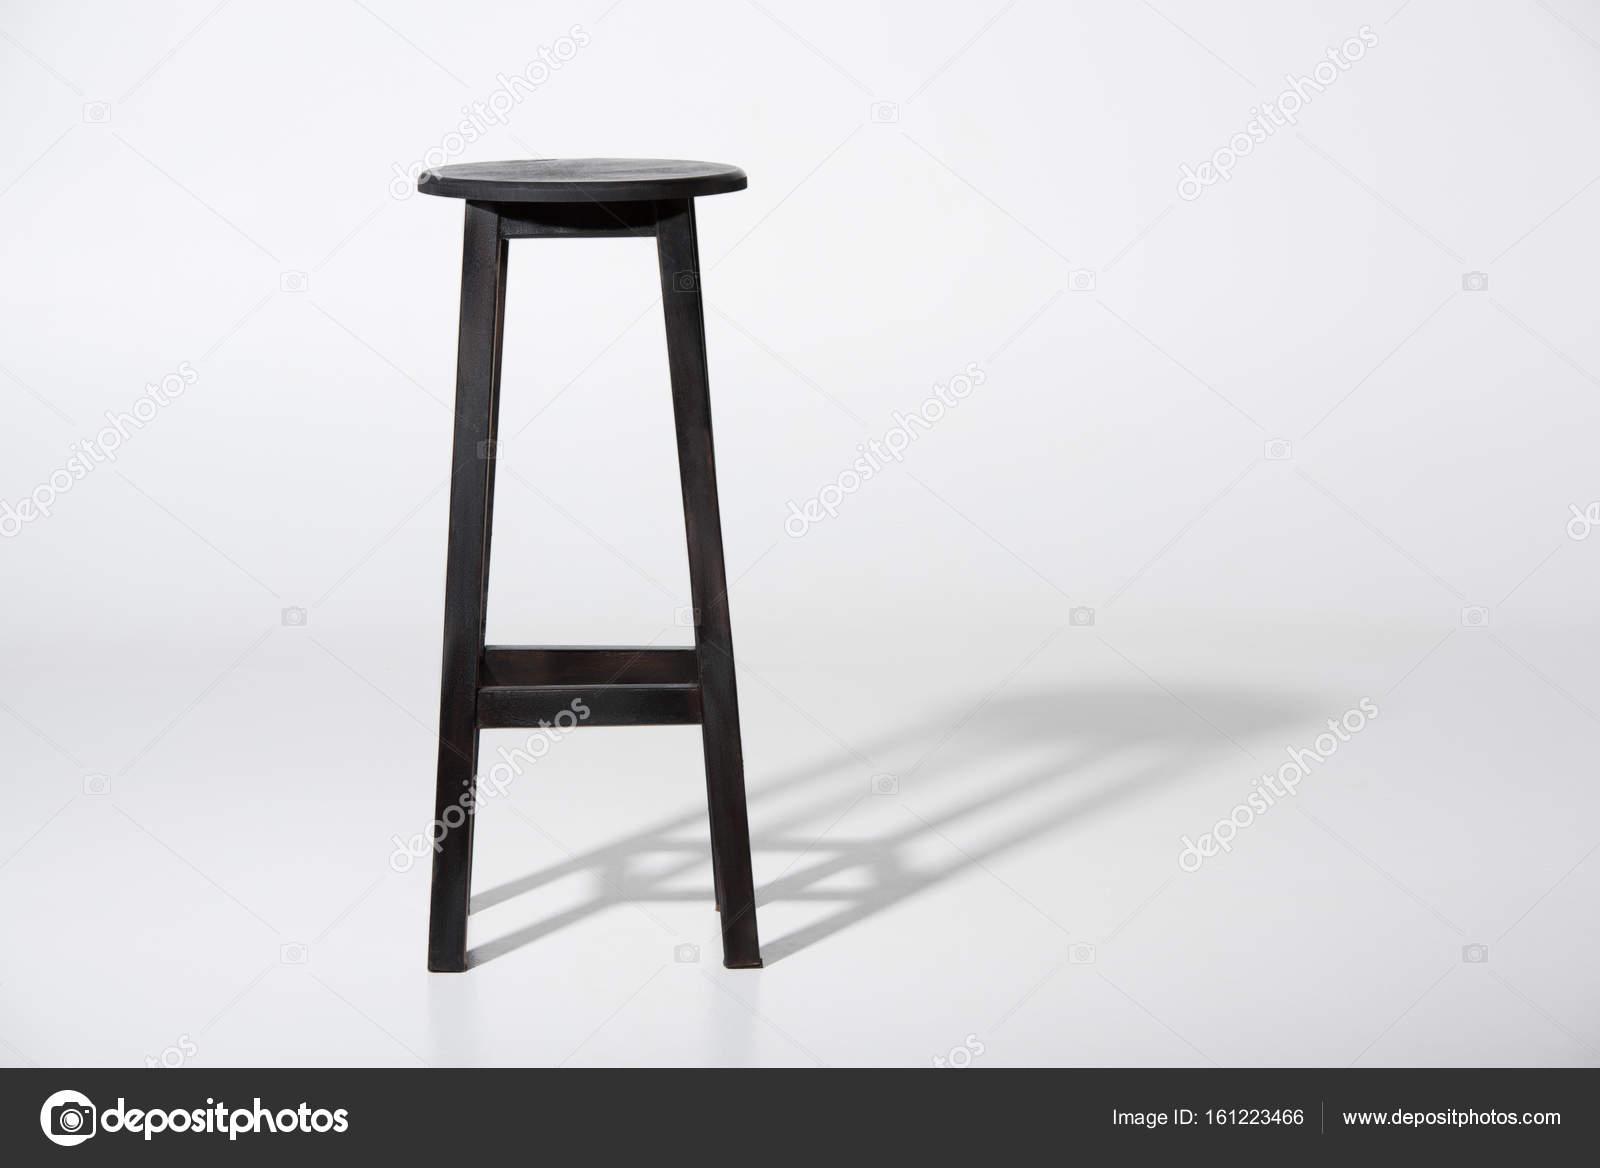 Sgabello da bar nero classico u2014 foto stock © vitalikradko #161223466